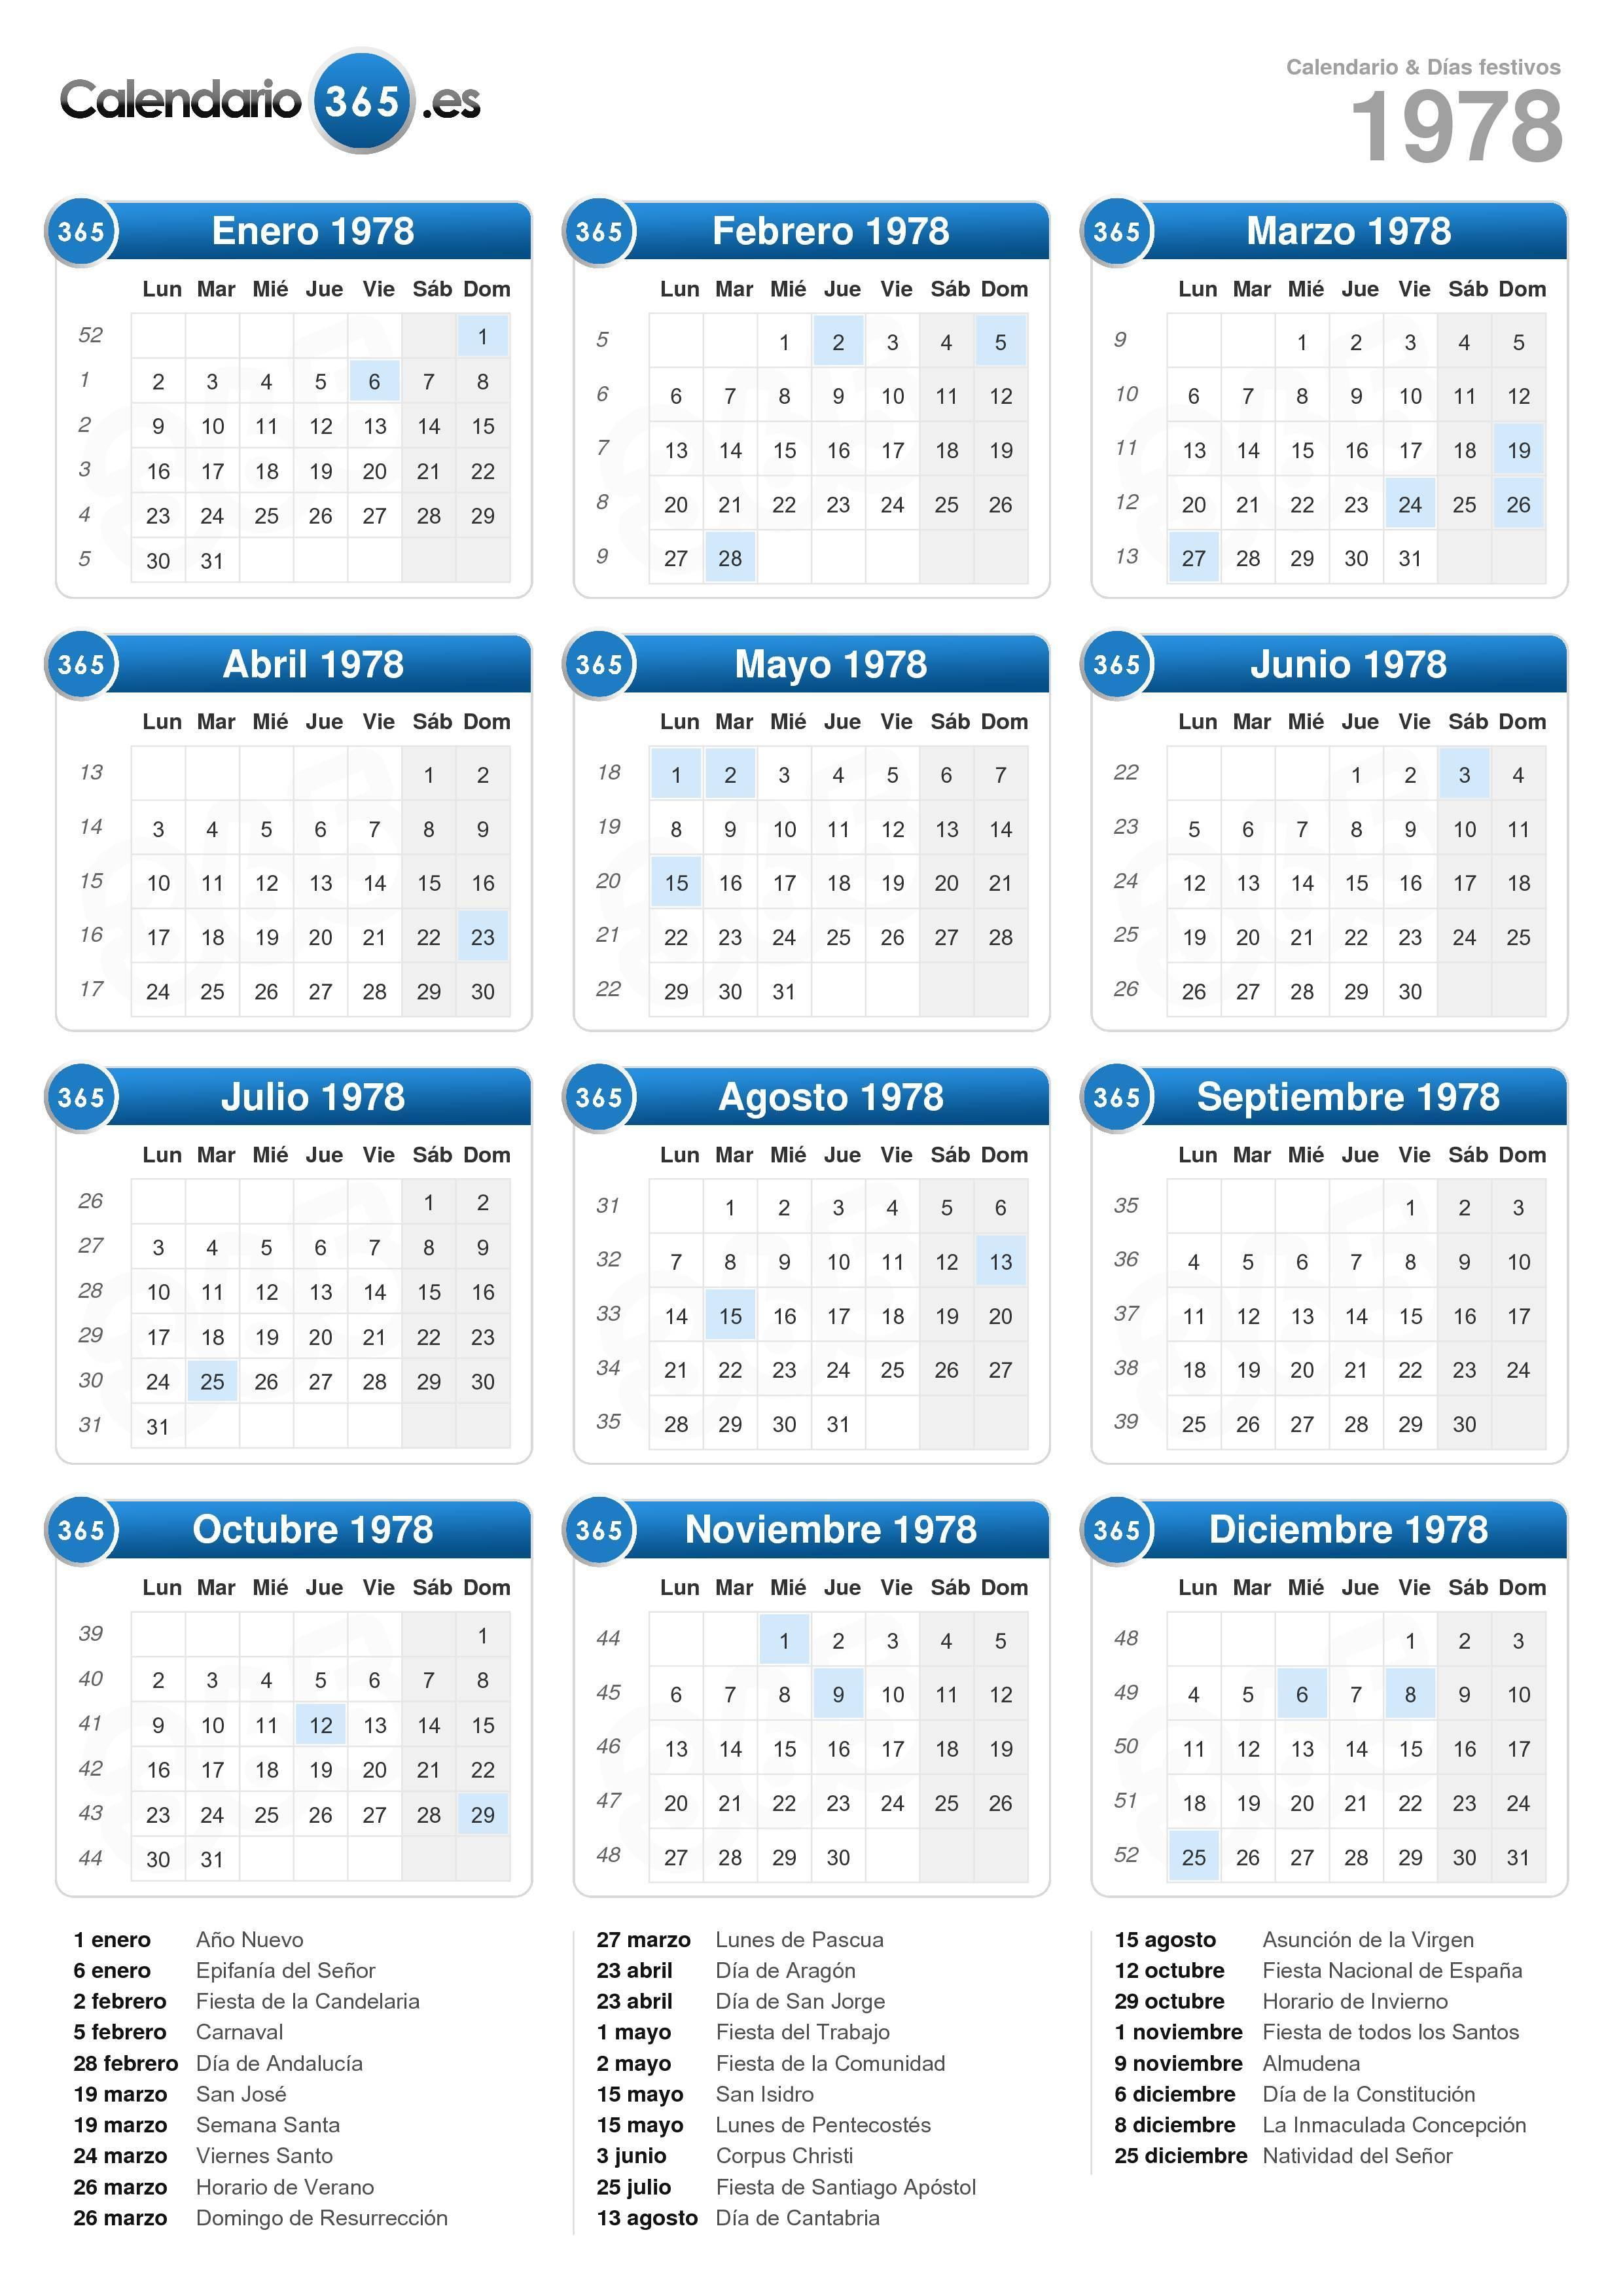 Calendario 1978.Calendario 1978